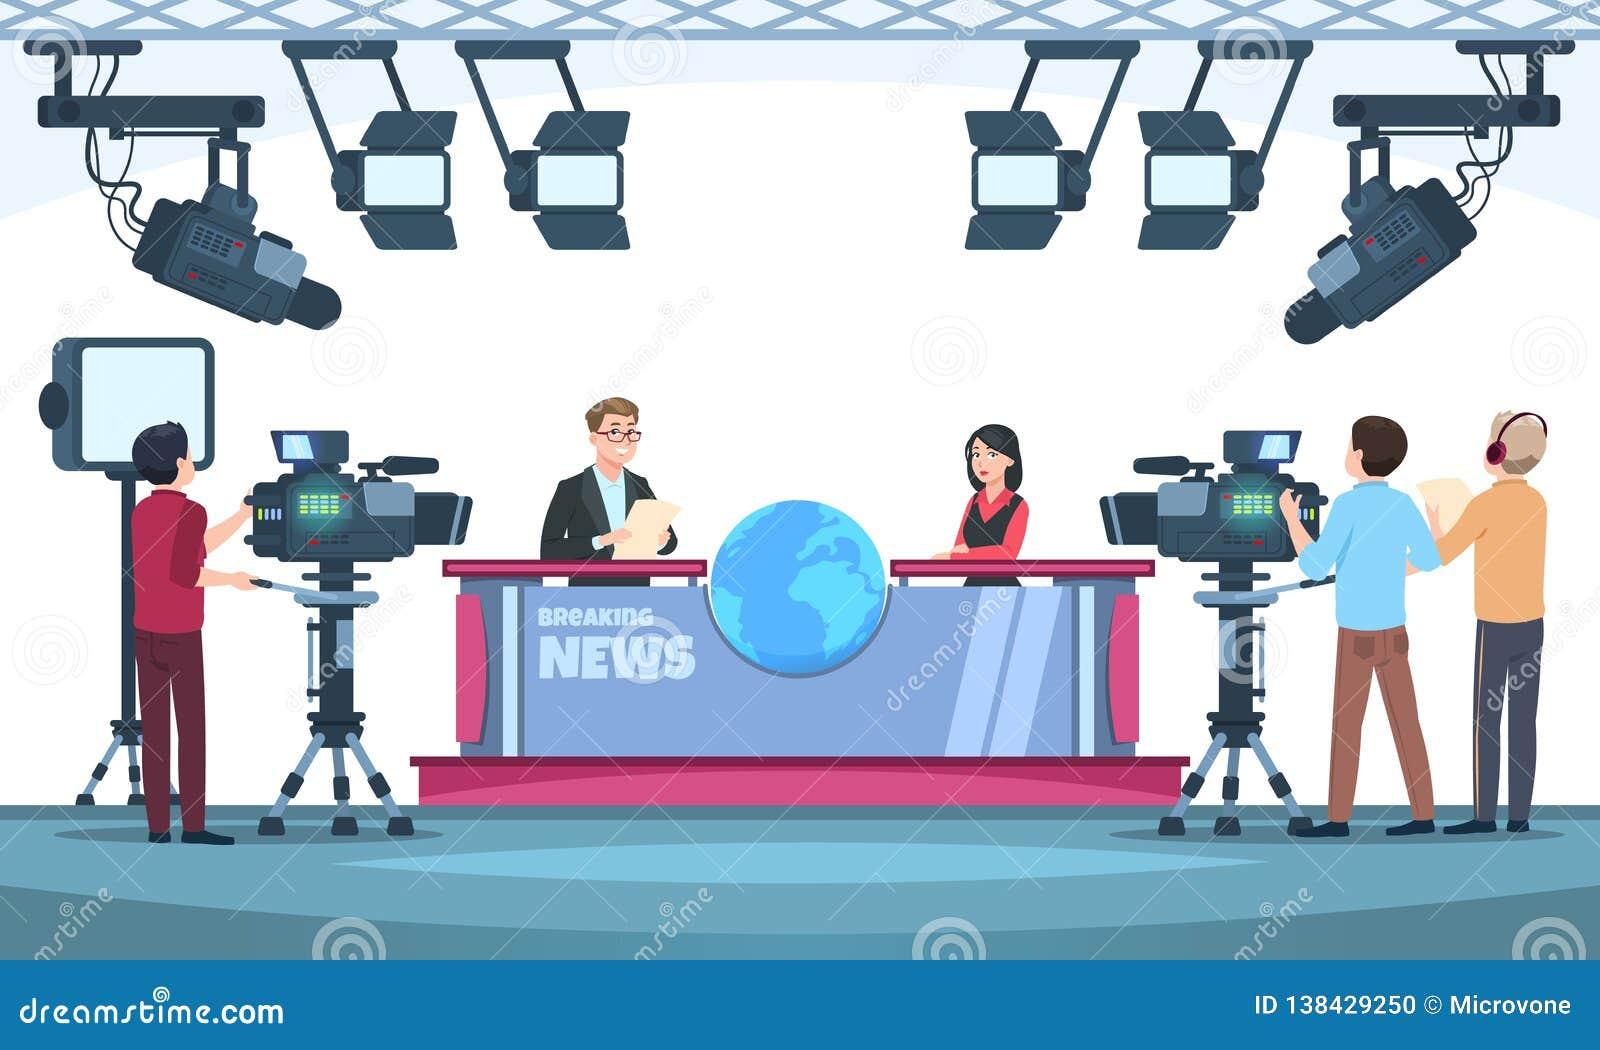 新闻电视剧演播室 播放与在电视上的摄影师的赠送者 人们谈话与照相机在演播室 向量